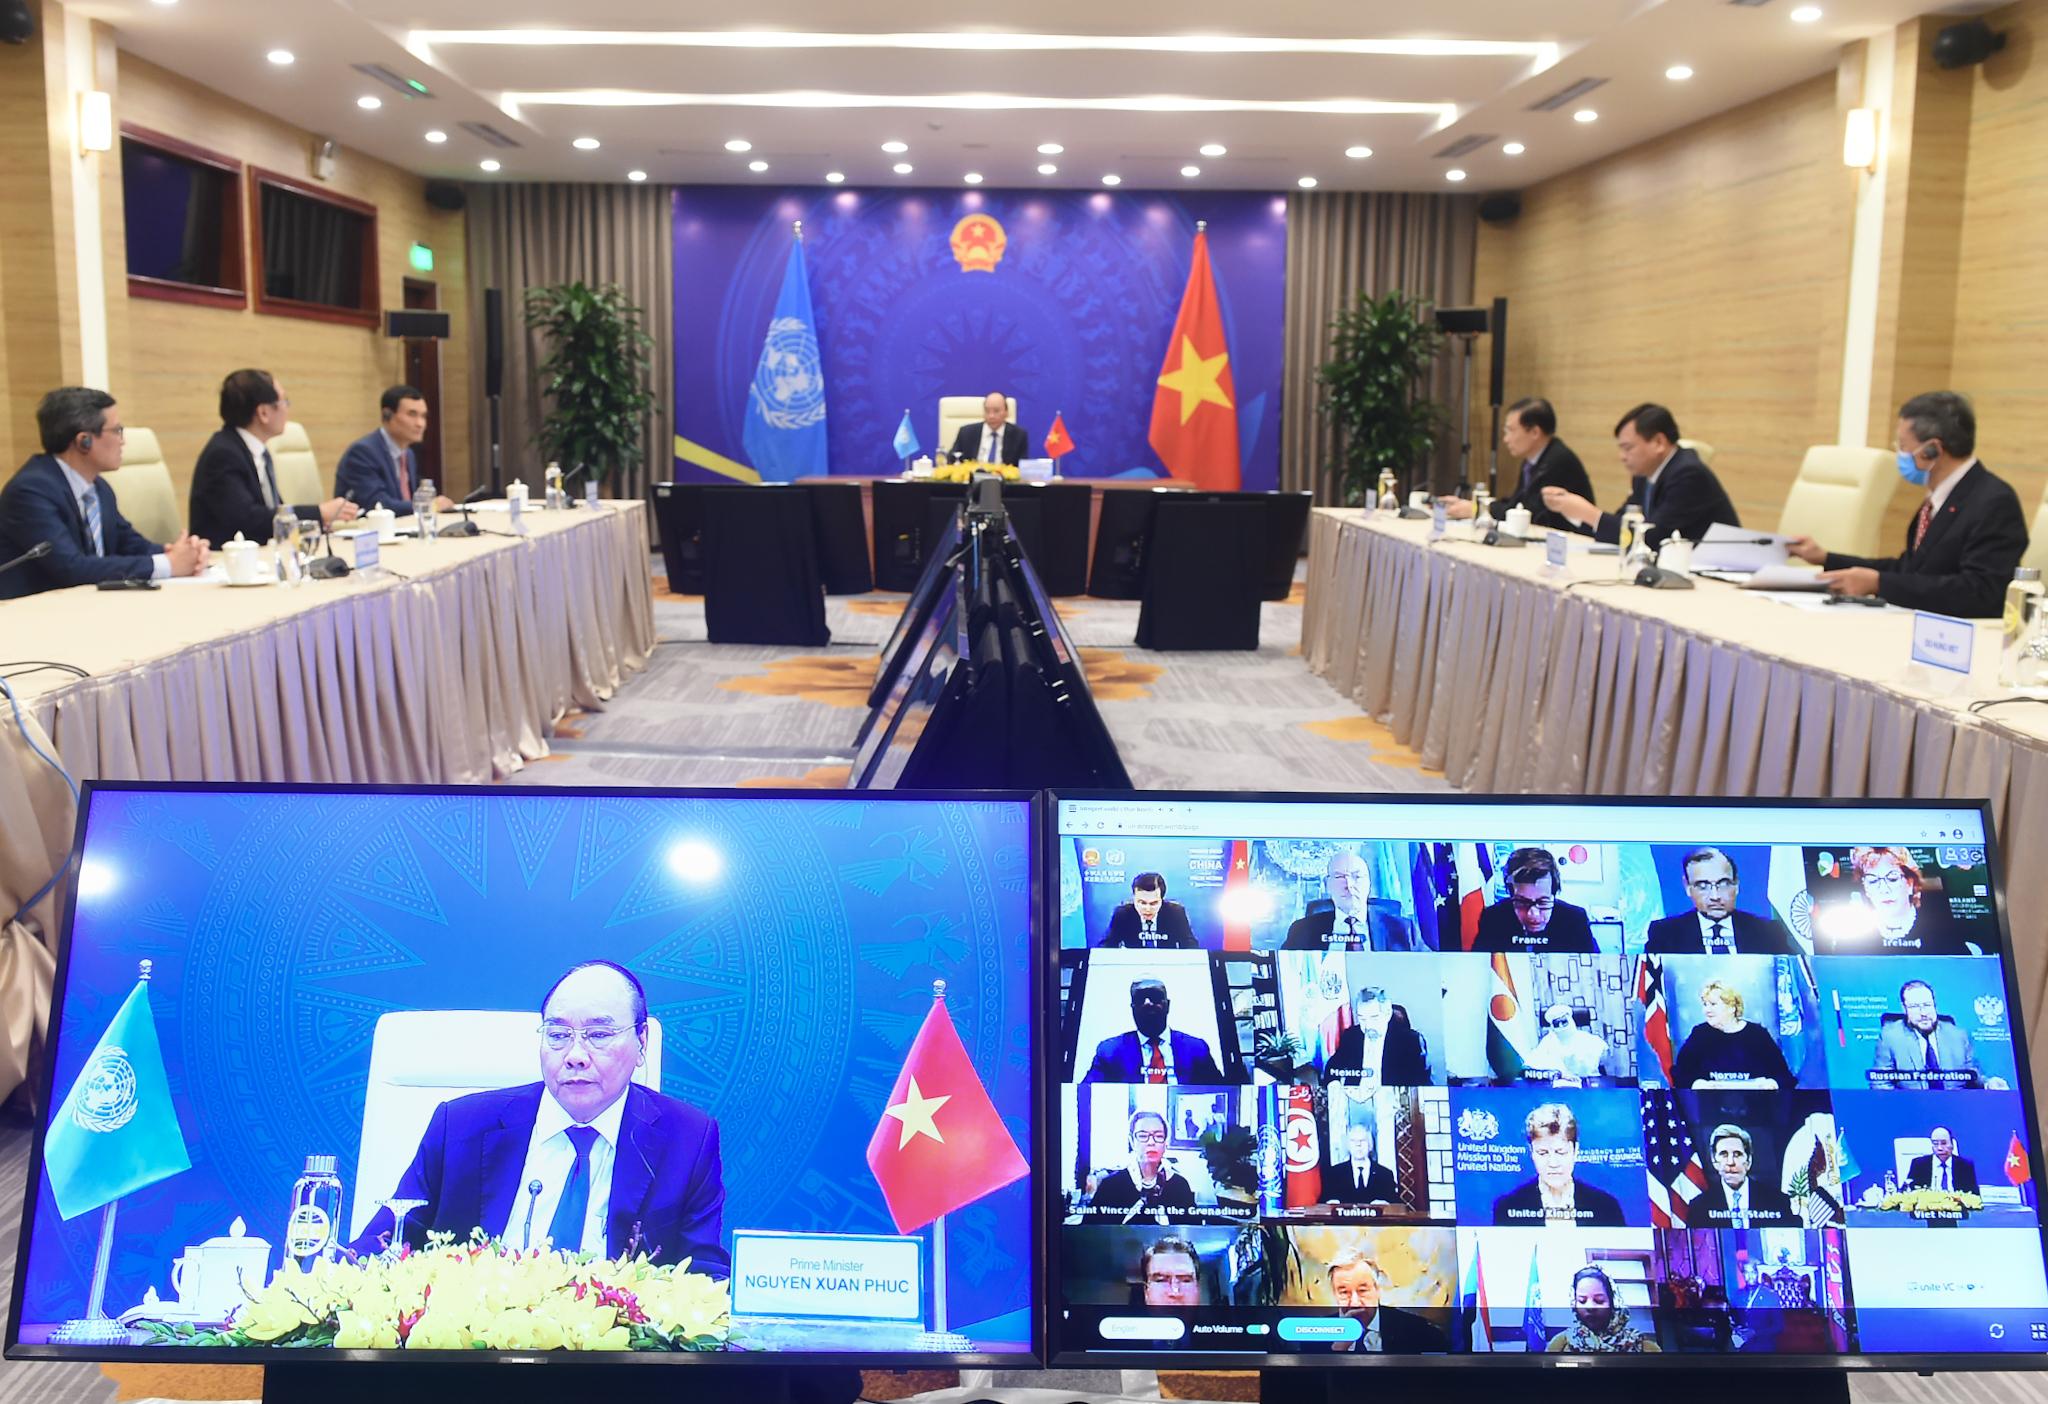 Lần đầu tiên người đứng đầu Chính phủ Việt Nam tham dự và phát biểu tại một sự kiện trong khuôn khổ HĐBA LHQ. Ảnh: VGP/Quang Hiếu